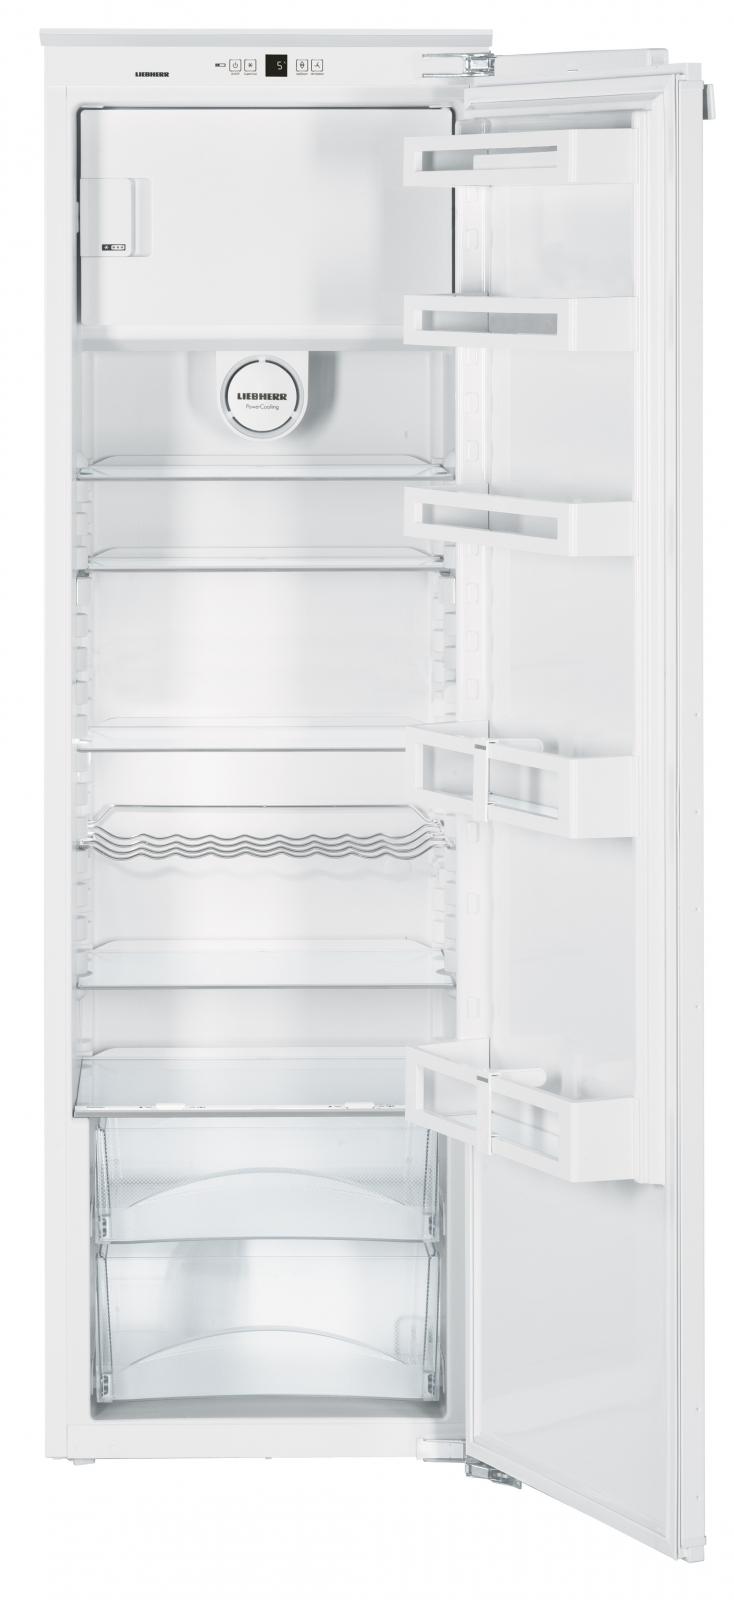 купить Встраиваемый однокамерный холодильник Liebherr IK 3524 Украина фото 2